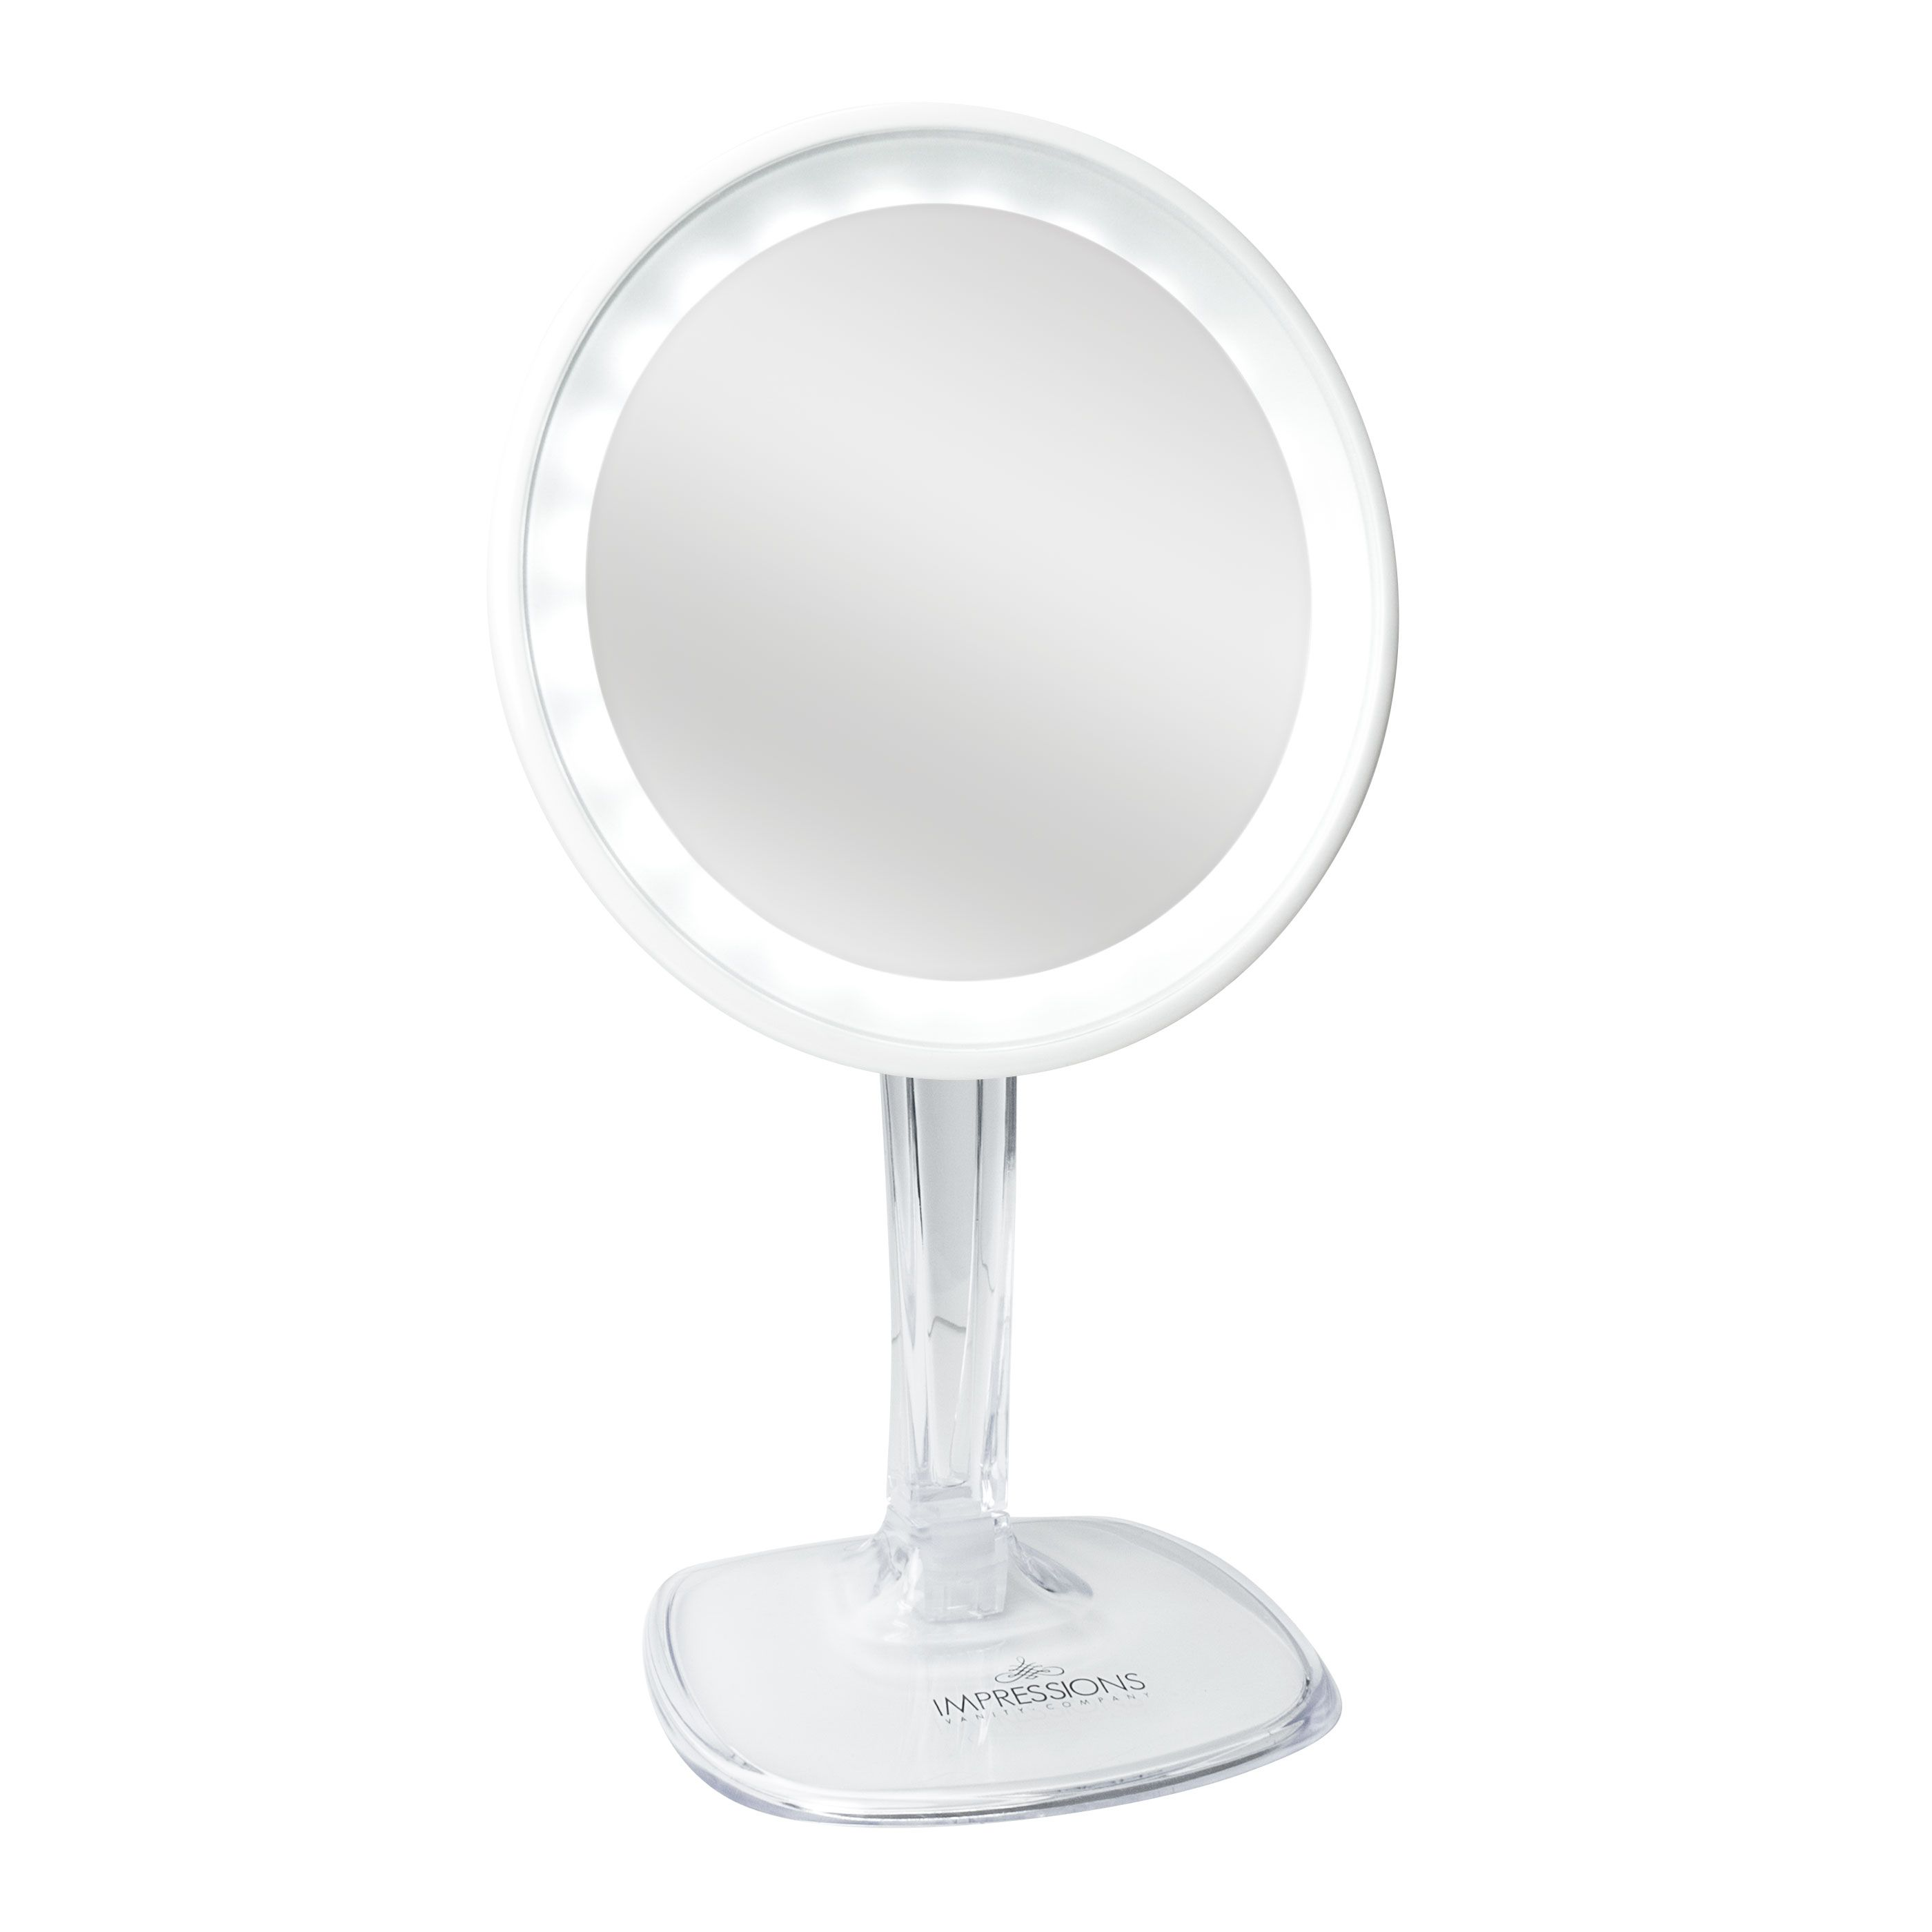 Makeup Mirrors Makeup Mirror With Lights Mirror Ring Light Makeup Mirror